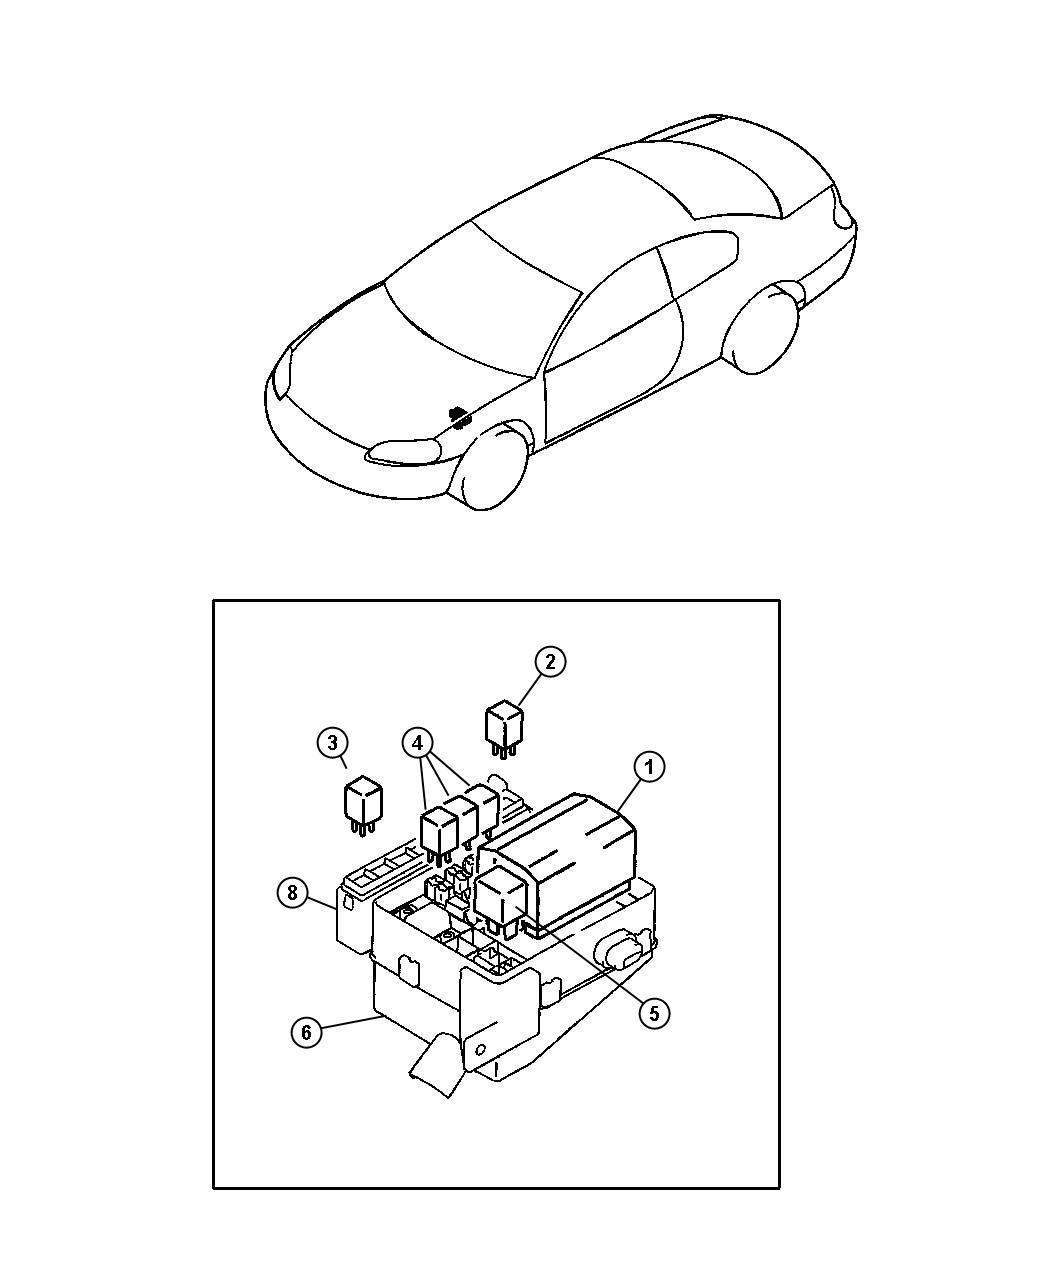 Chrysler Sebring Block Relay